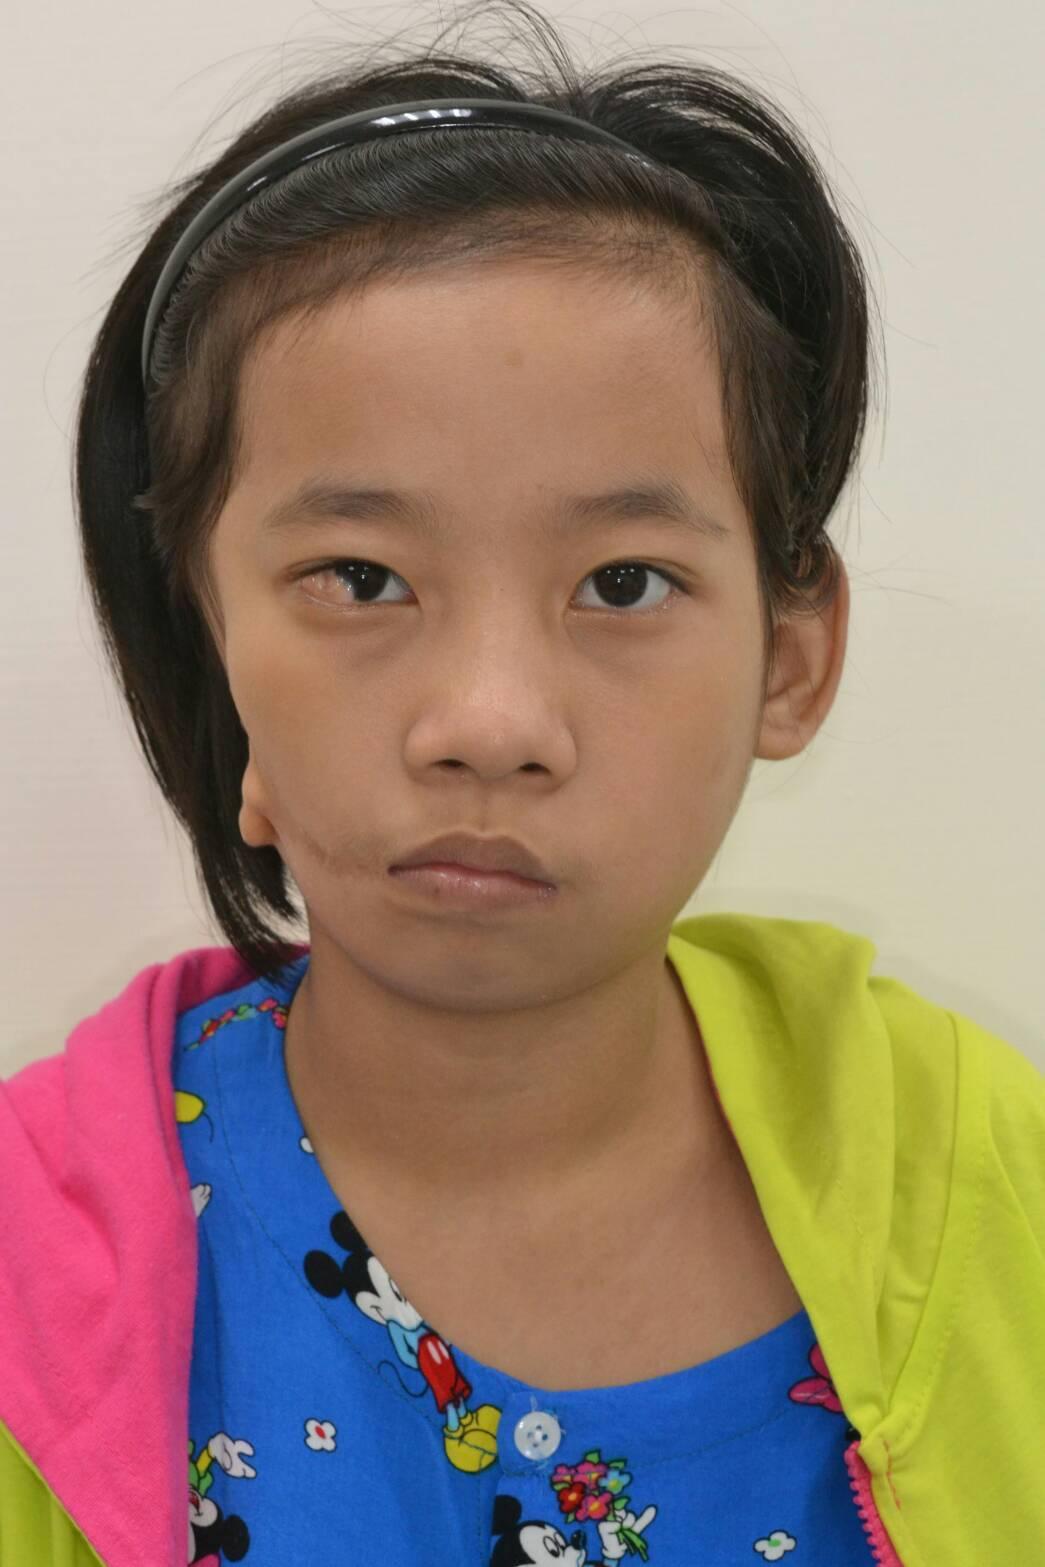 來自緬甸的12歲女童小勒,從小就因眼、耳、脊椎發育不全,出現眼睛斜視、耳朵畸型、...